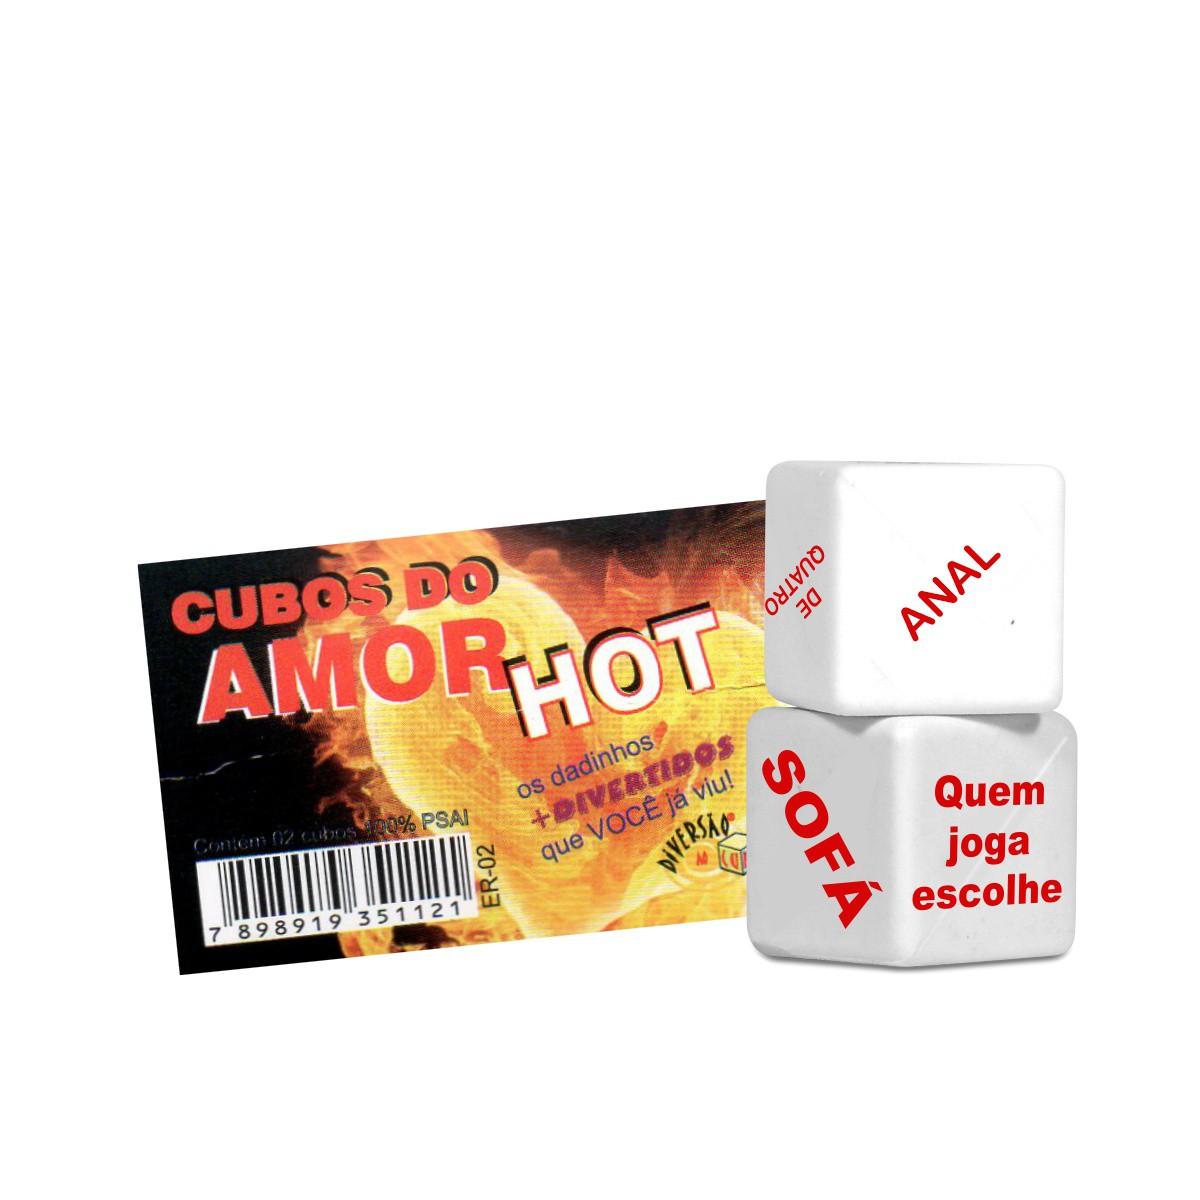 DADOS CUBOS DO AMOR HOT DUPLO DIVERSÃO AO CUBO